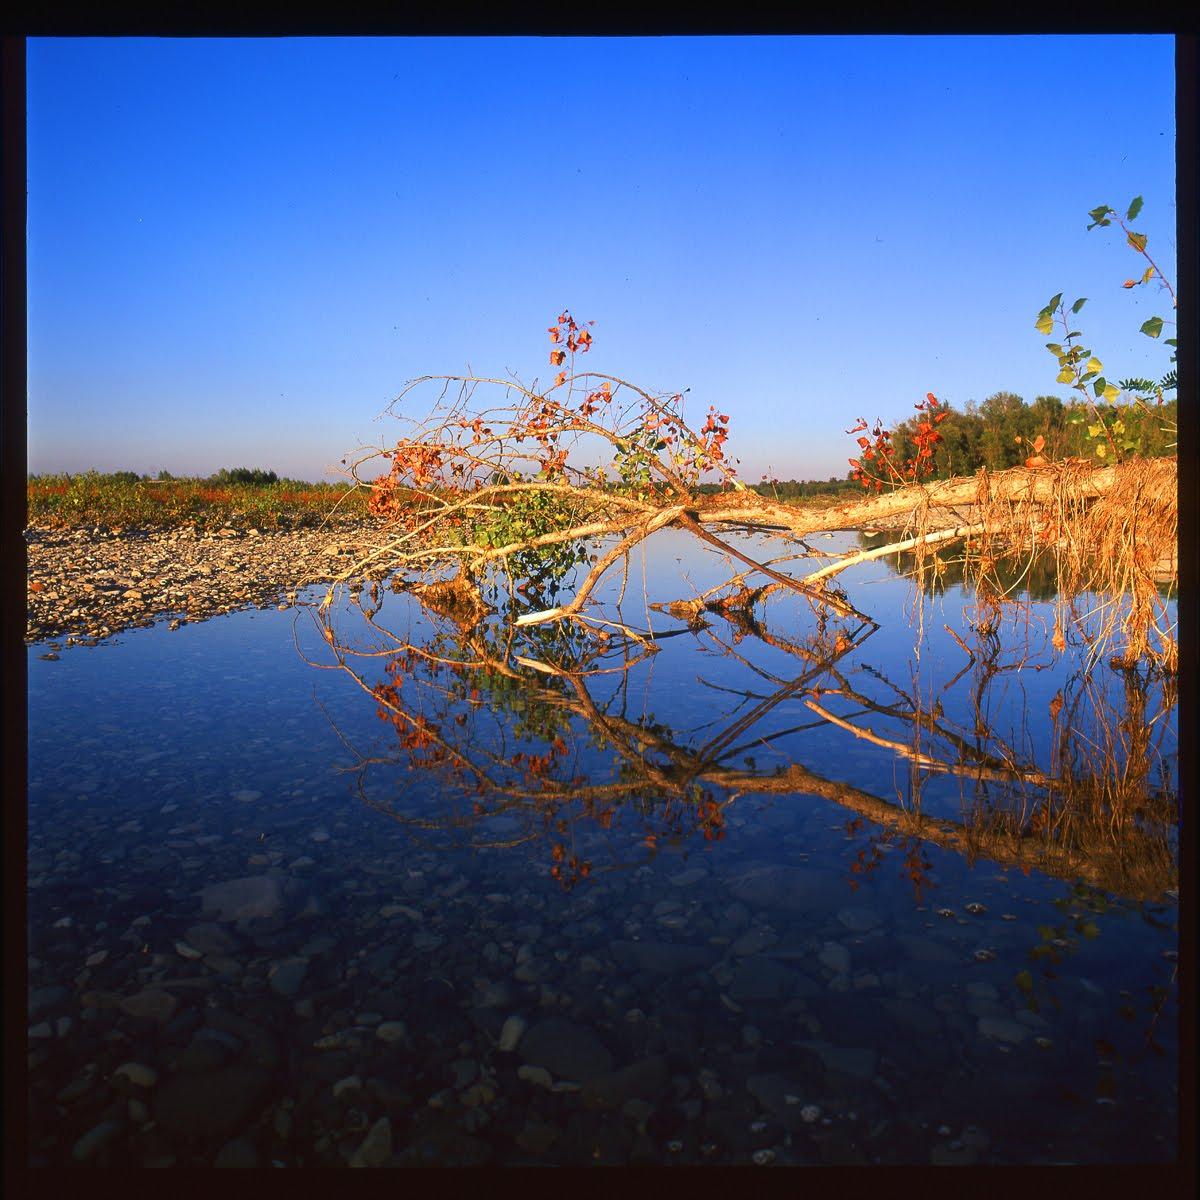 Ansa del fiume taro Taro